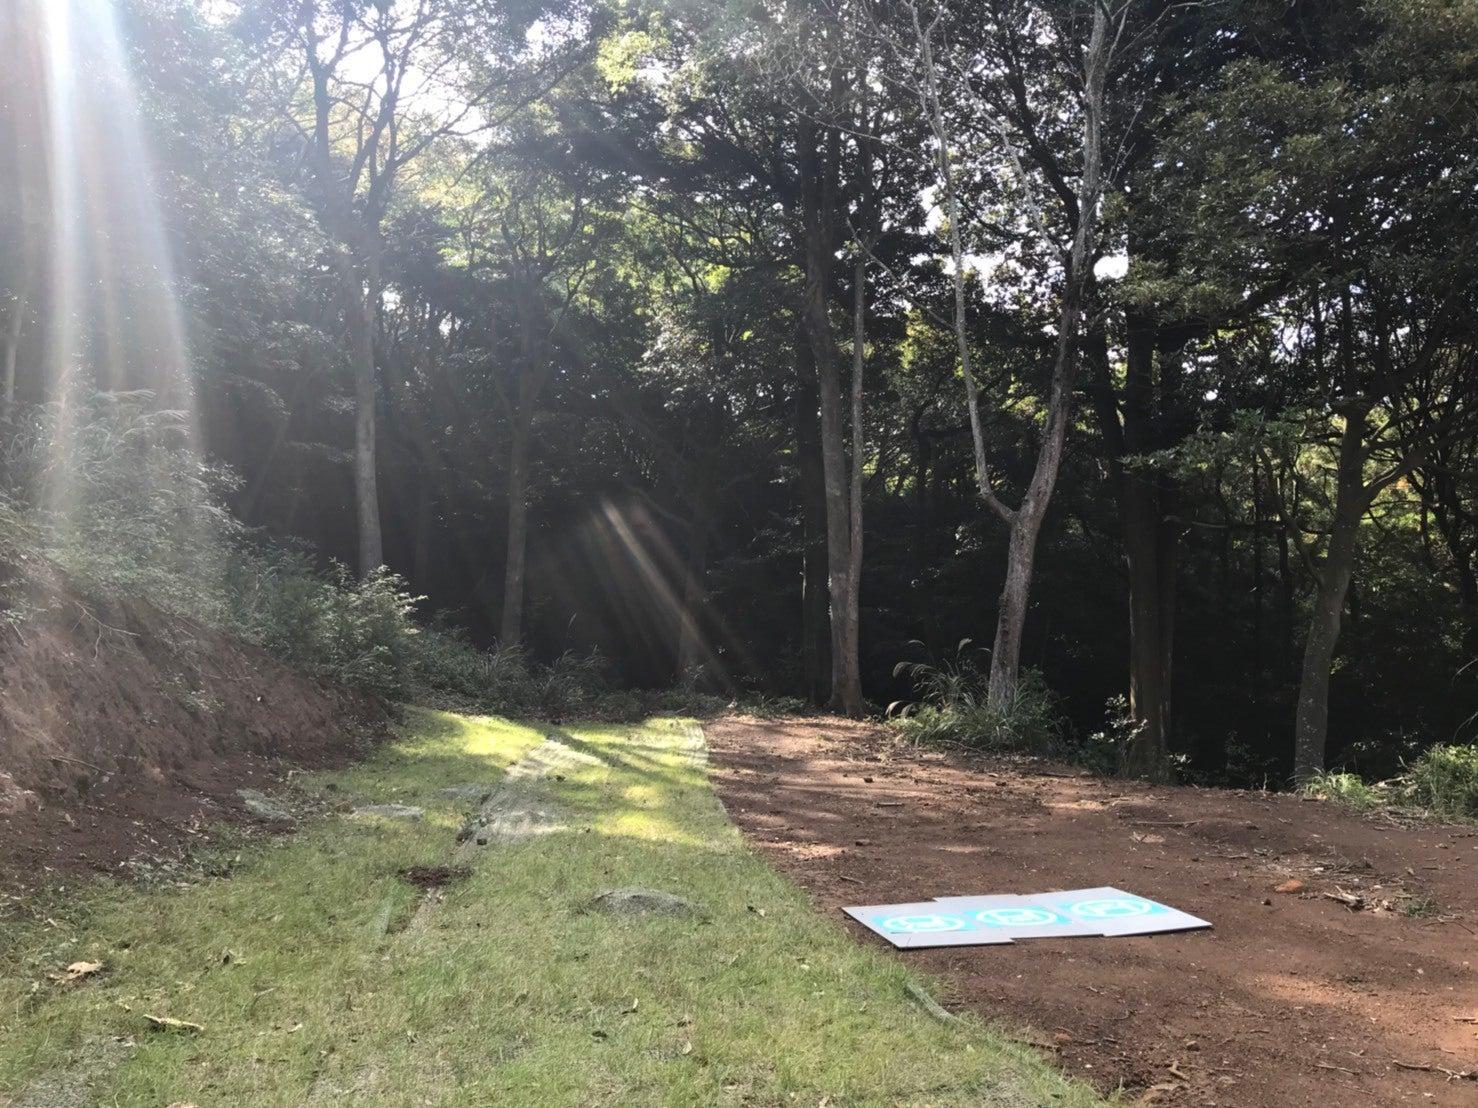 貸切プライベート ドローン練習場 ドローンリゾート南熱海 の写真